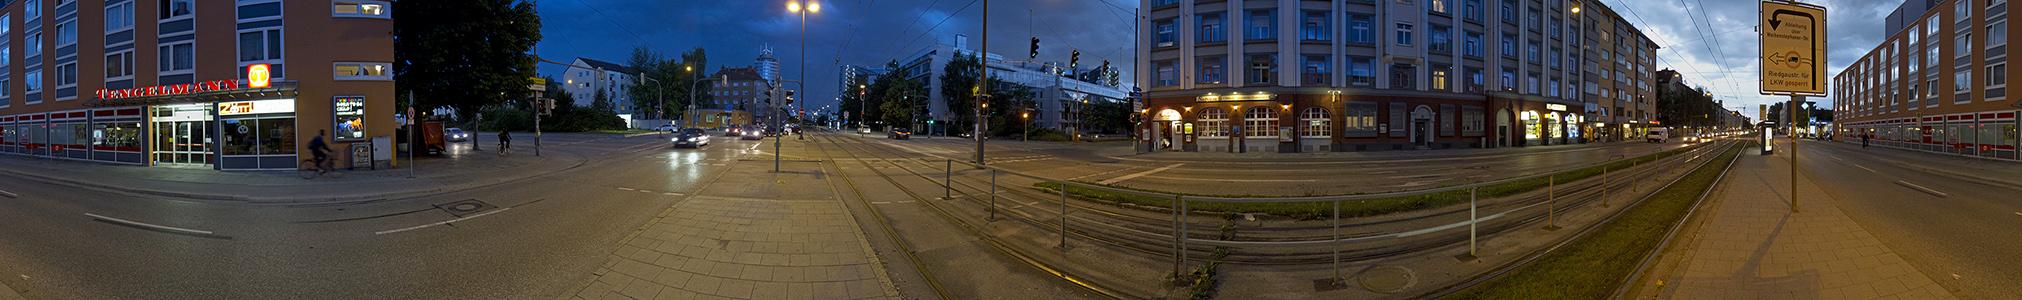 Ampfing- / Berg-am-Laim-Straße: Gewitterstimmung München